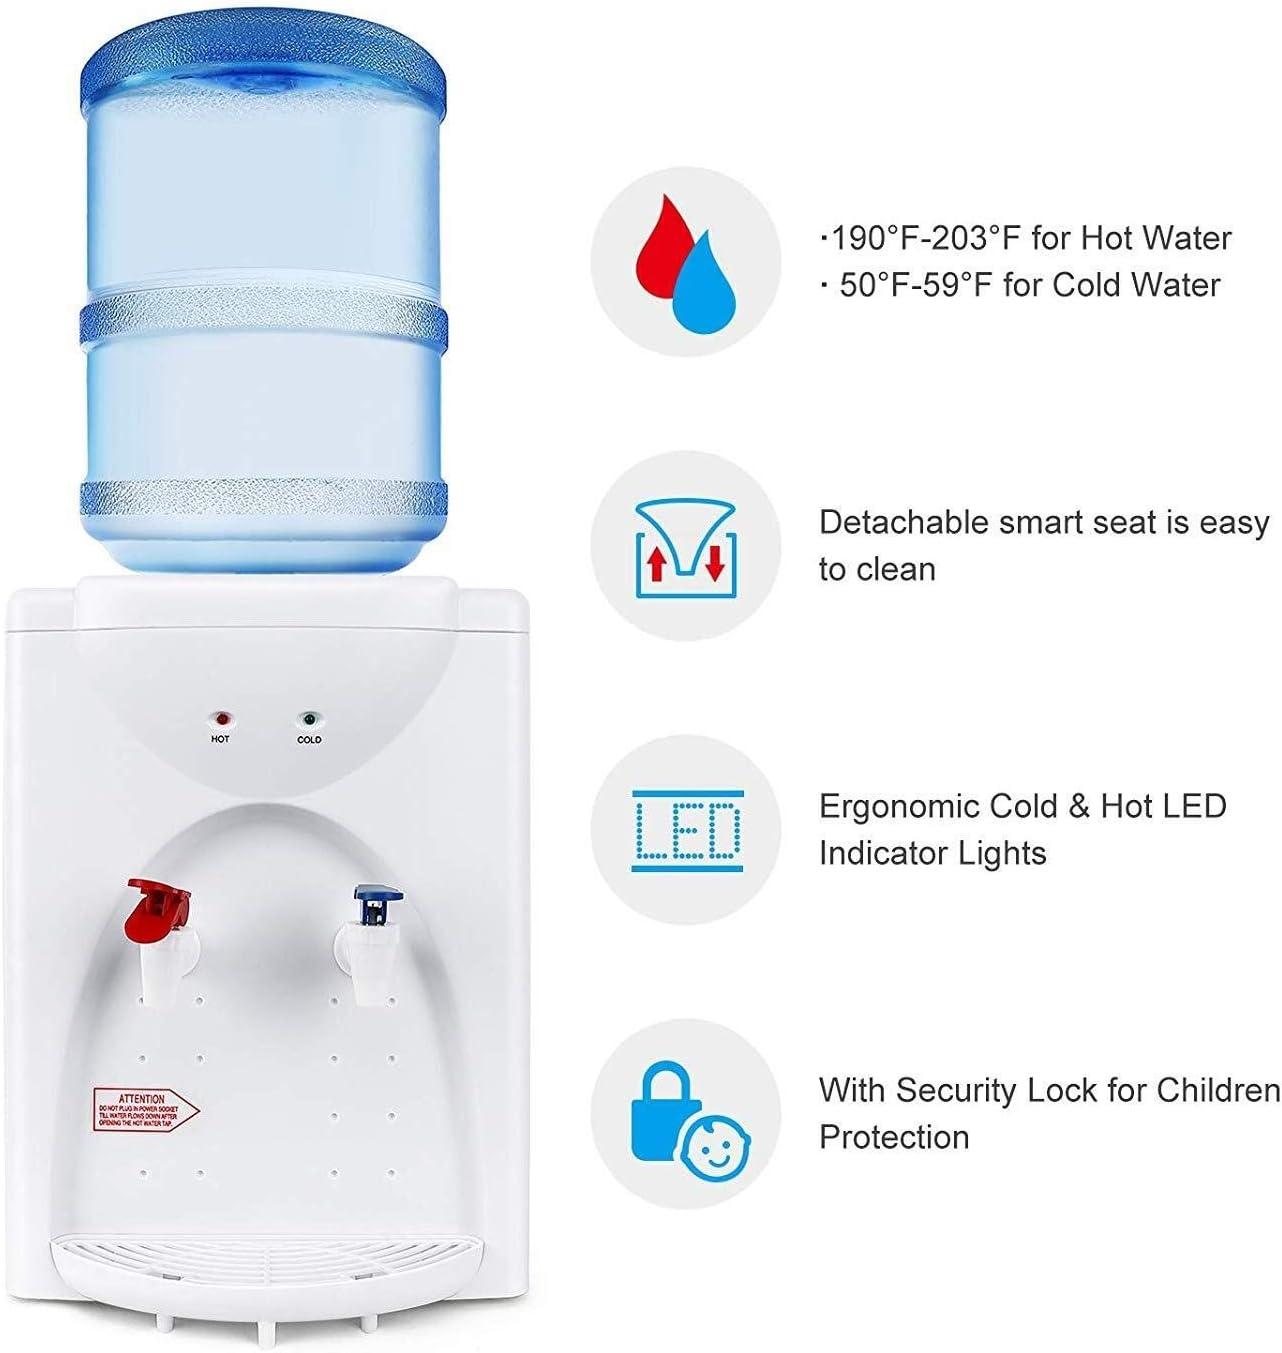 Escritorio Dispensador De Agua De Calefacci/ón Peque/ña M/áquina De Agua Potable Hogar Mini Agua Dormitorio Dispensador LIUYUNQ Drinking fountains